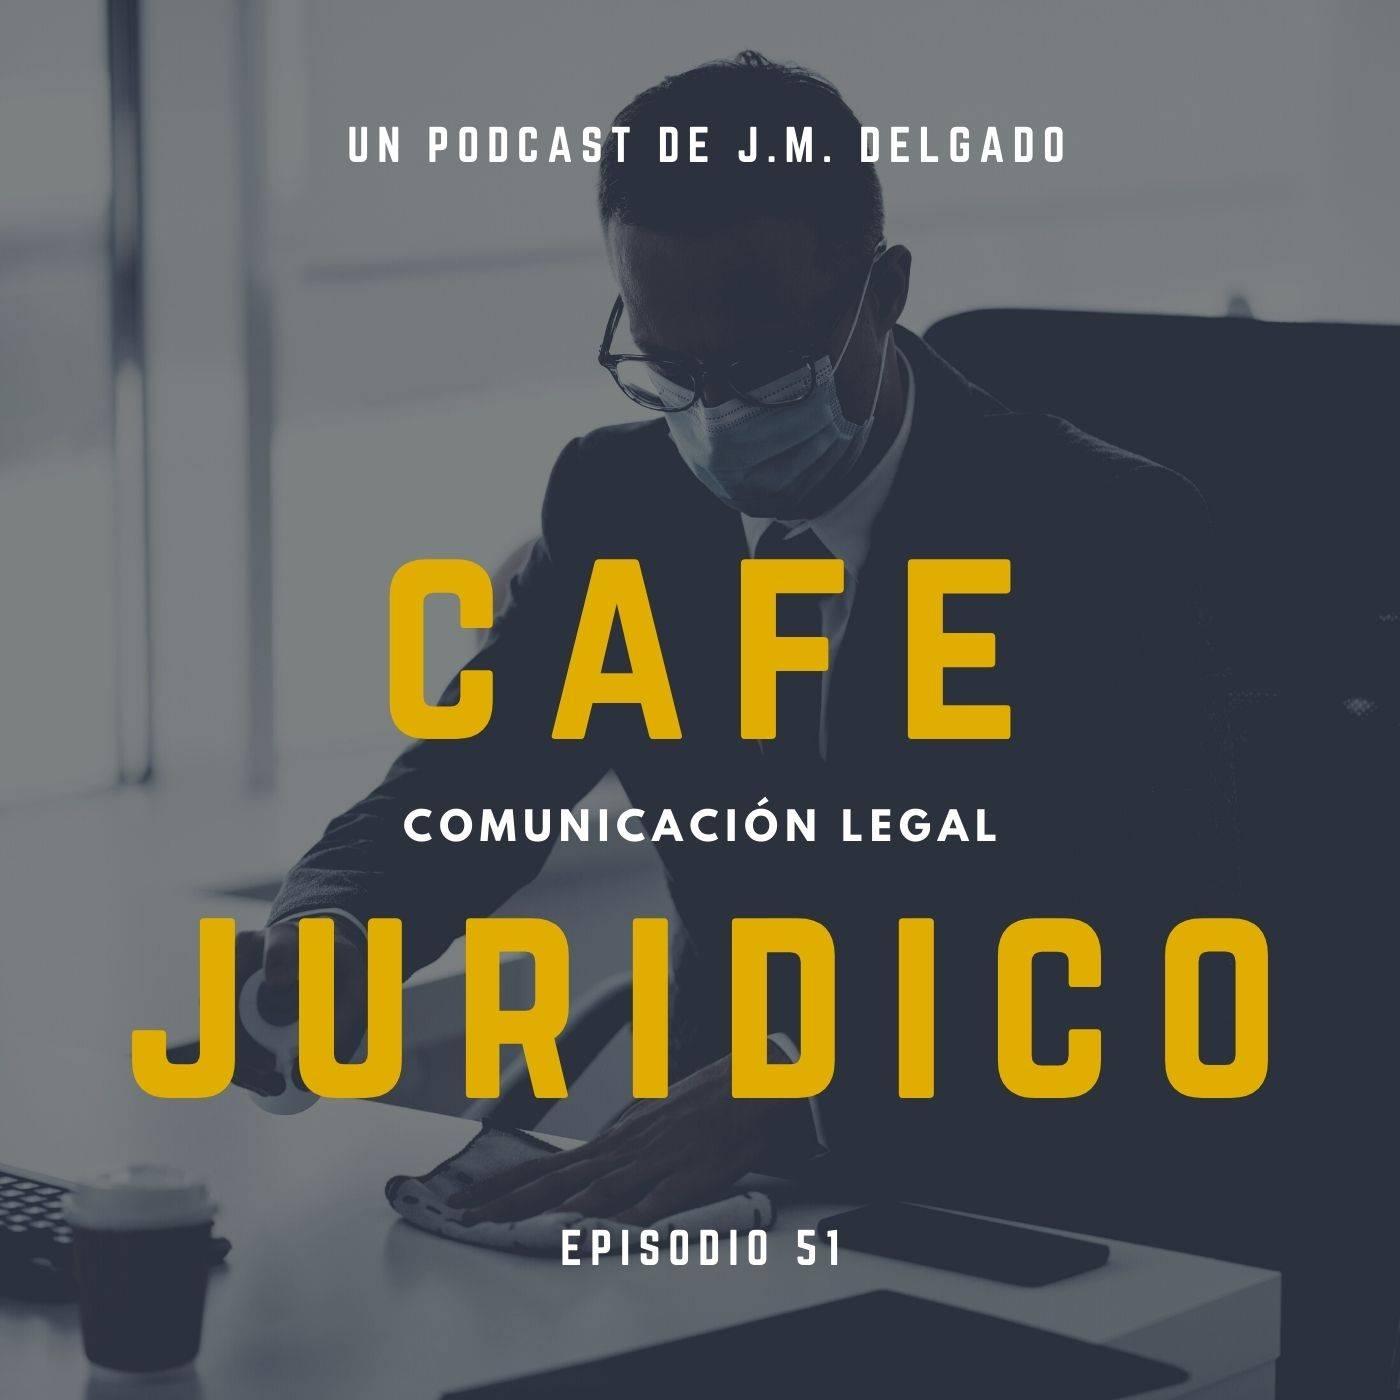 Ley 3/2020 de medidas procesales y organizativas para hacer frente al COVID19 en el ámbito de la Administración de Justicia